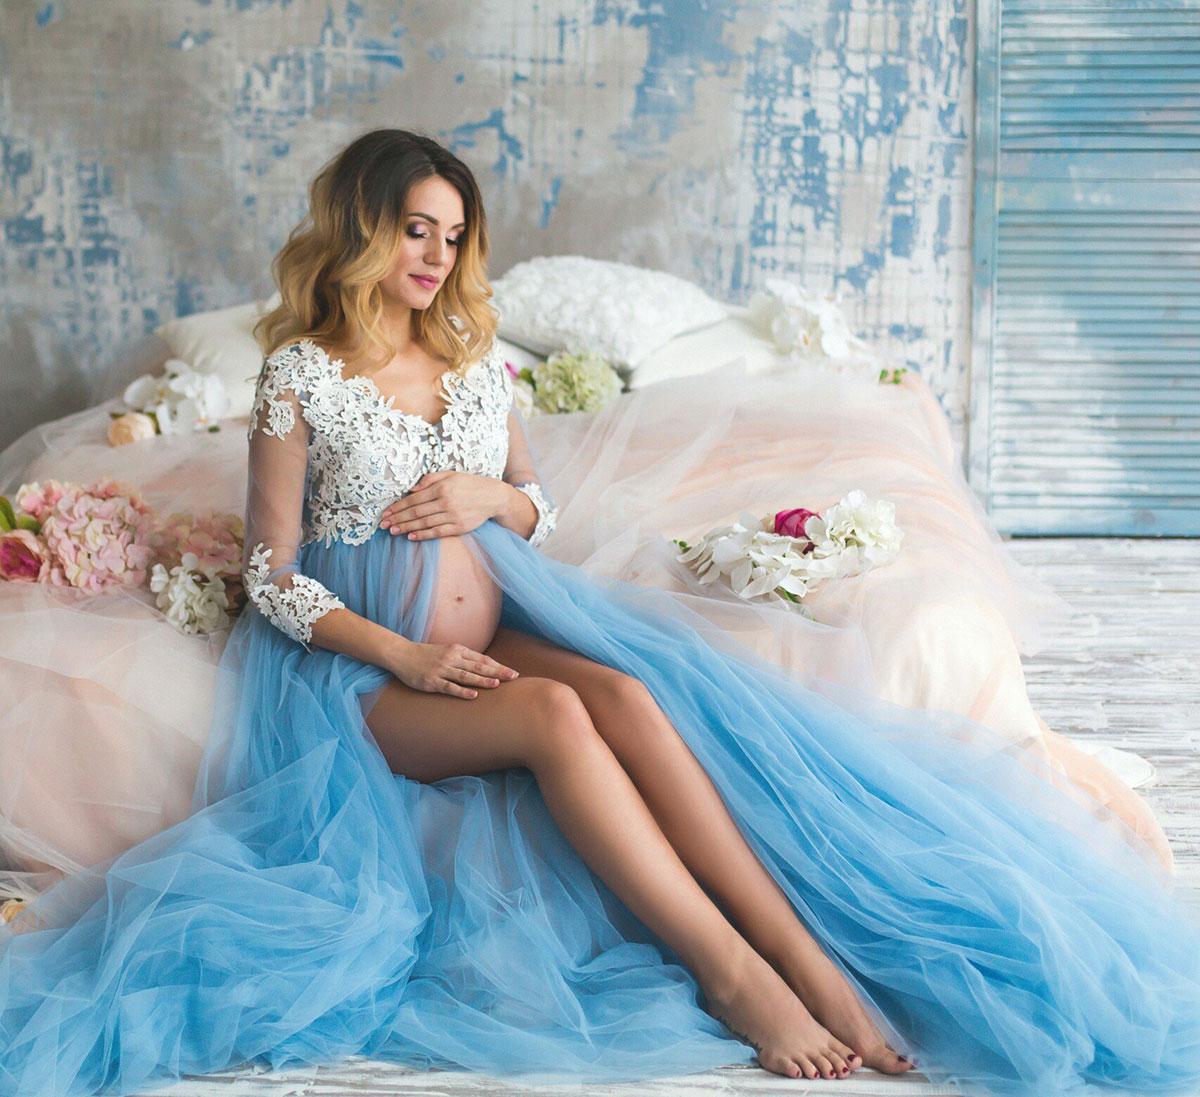 Будуарное платье в голубом цвете для фото беременности